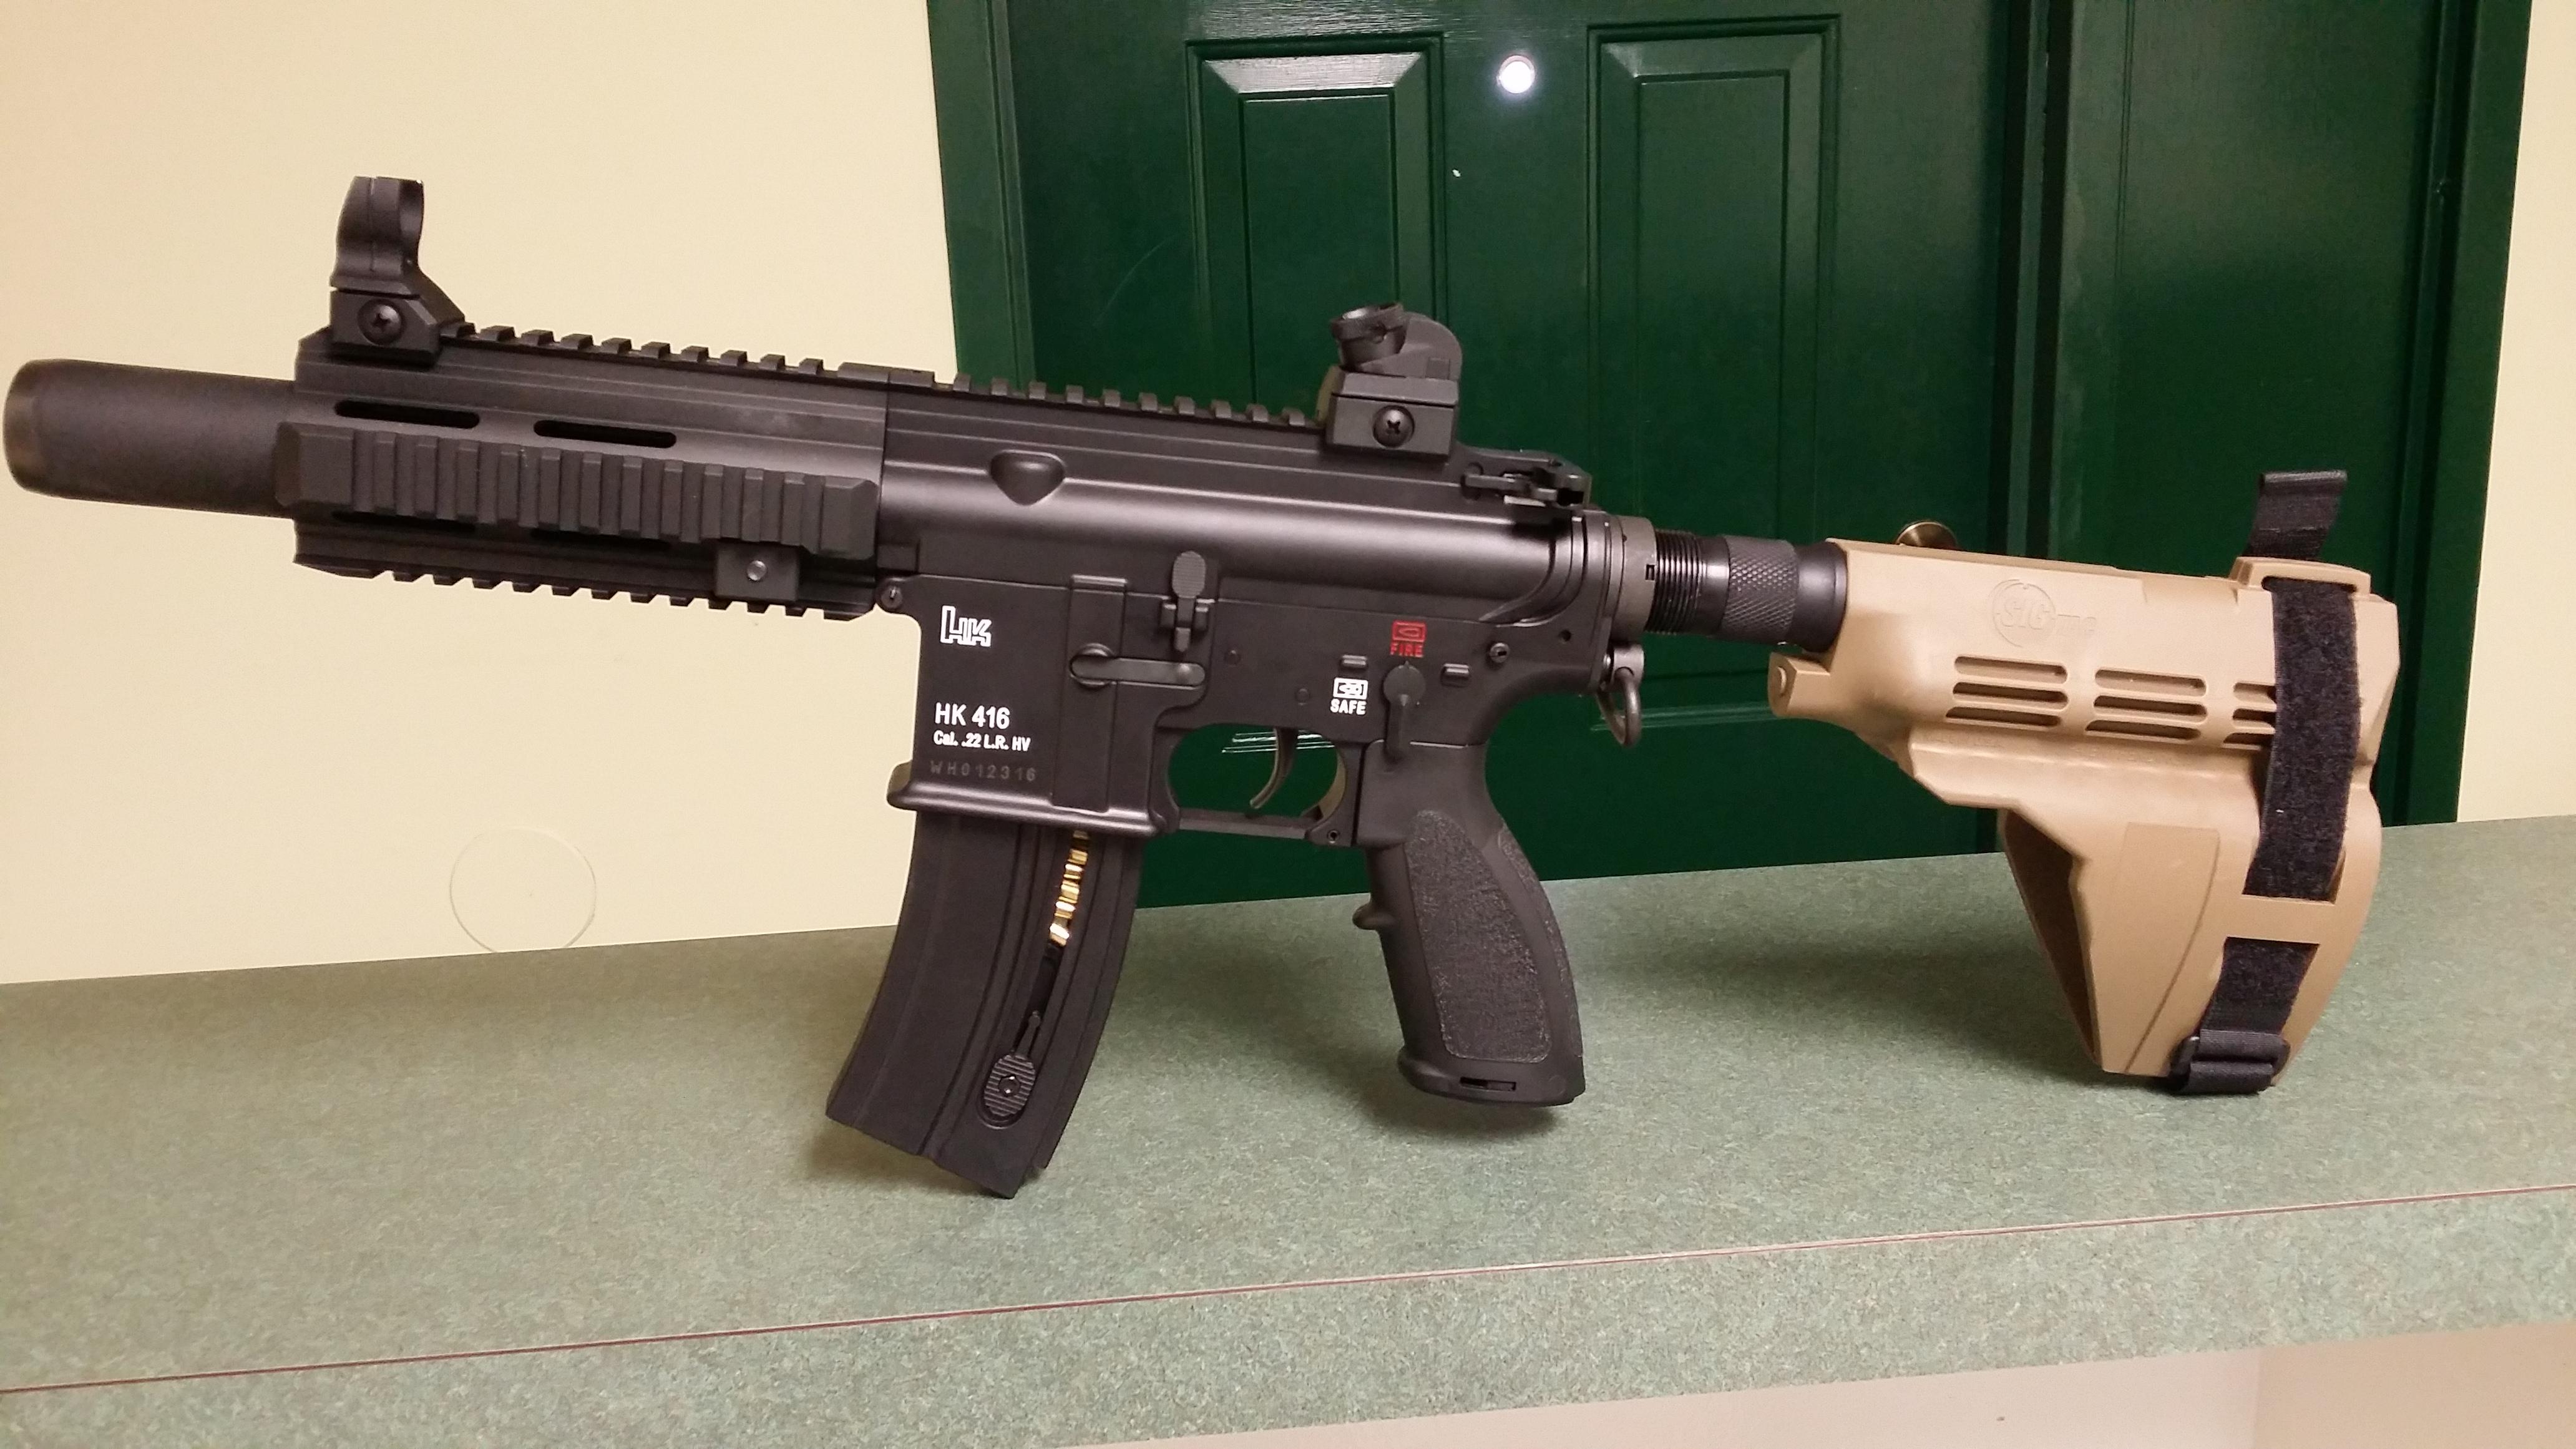 HK 416 22lr Pistol with SigTac Brace      Installation